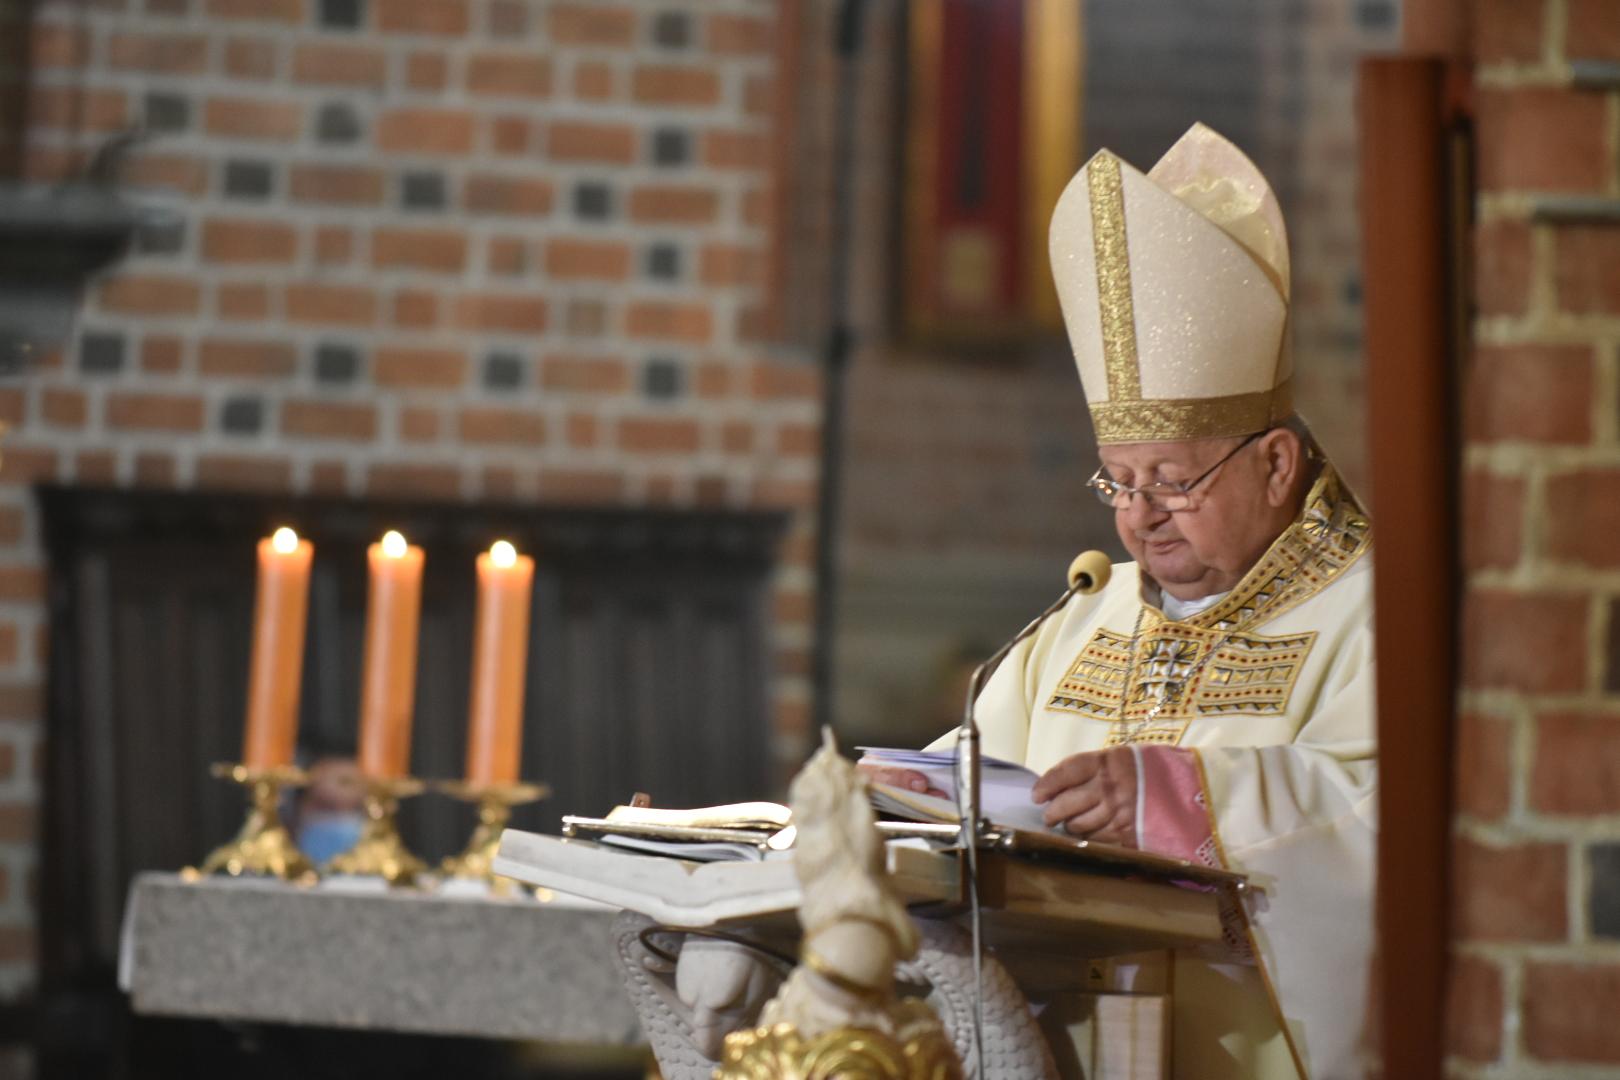 kardynał Dziwisz - Wojtek Wardejn